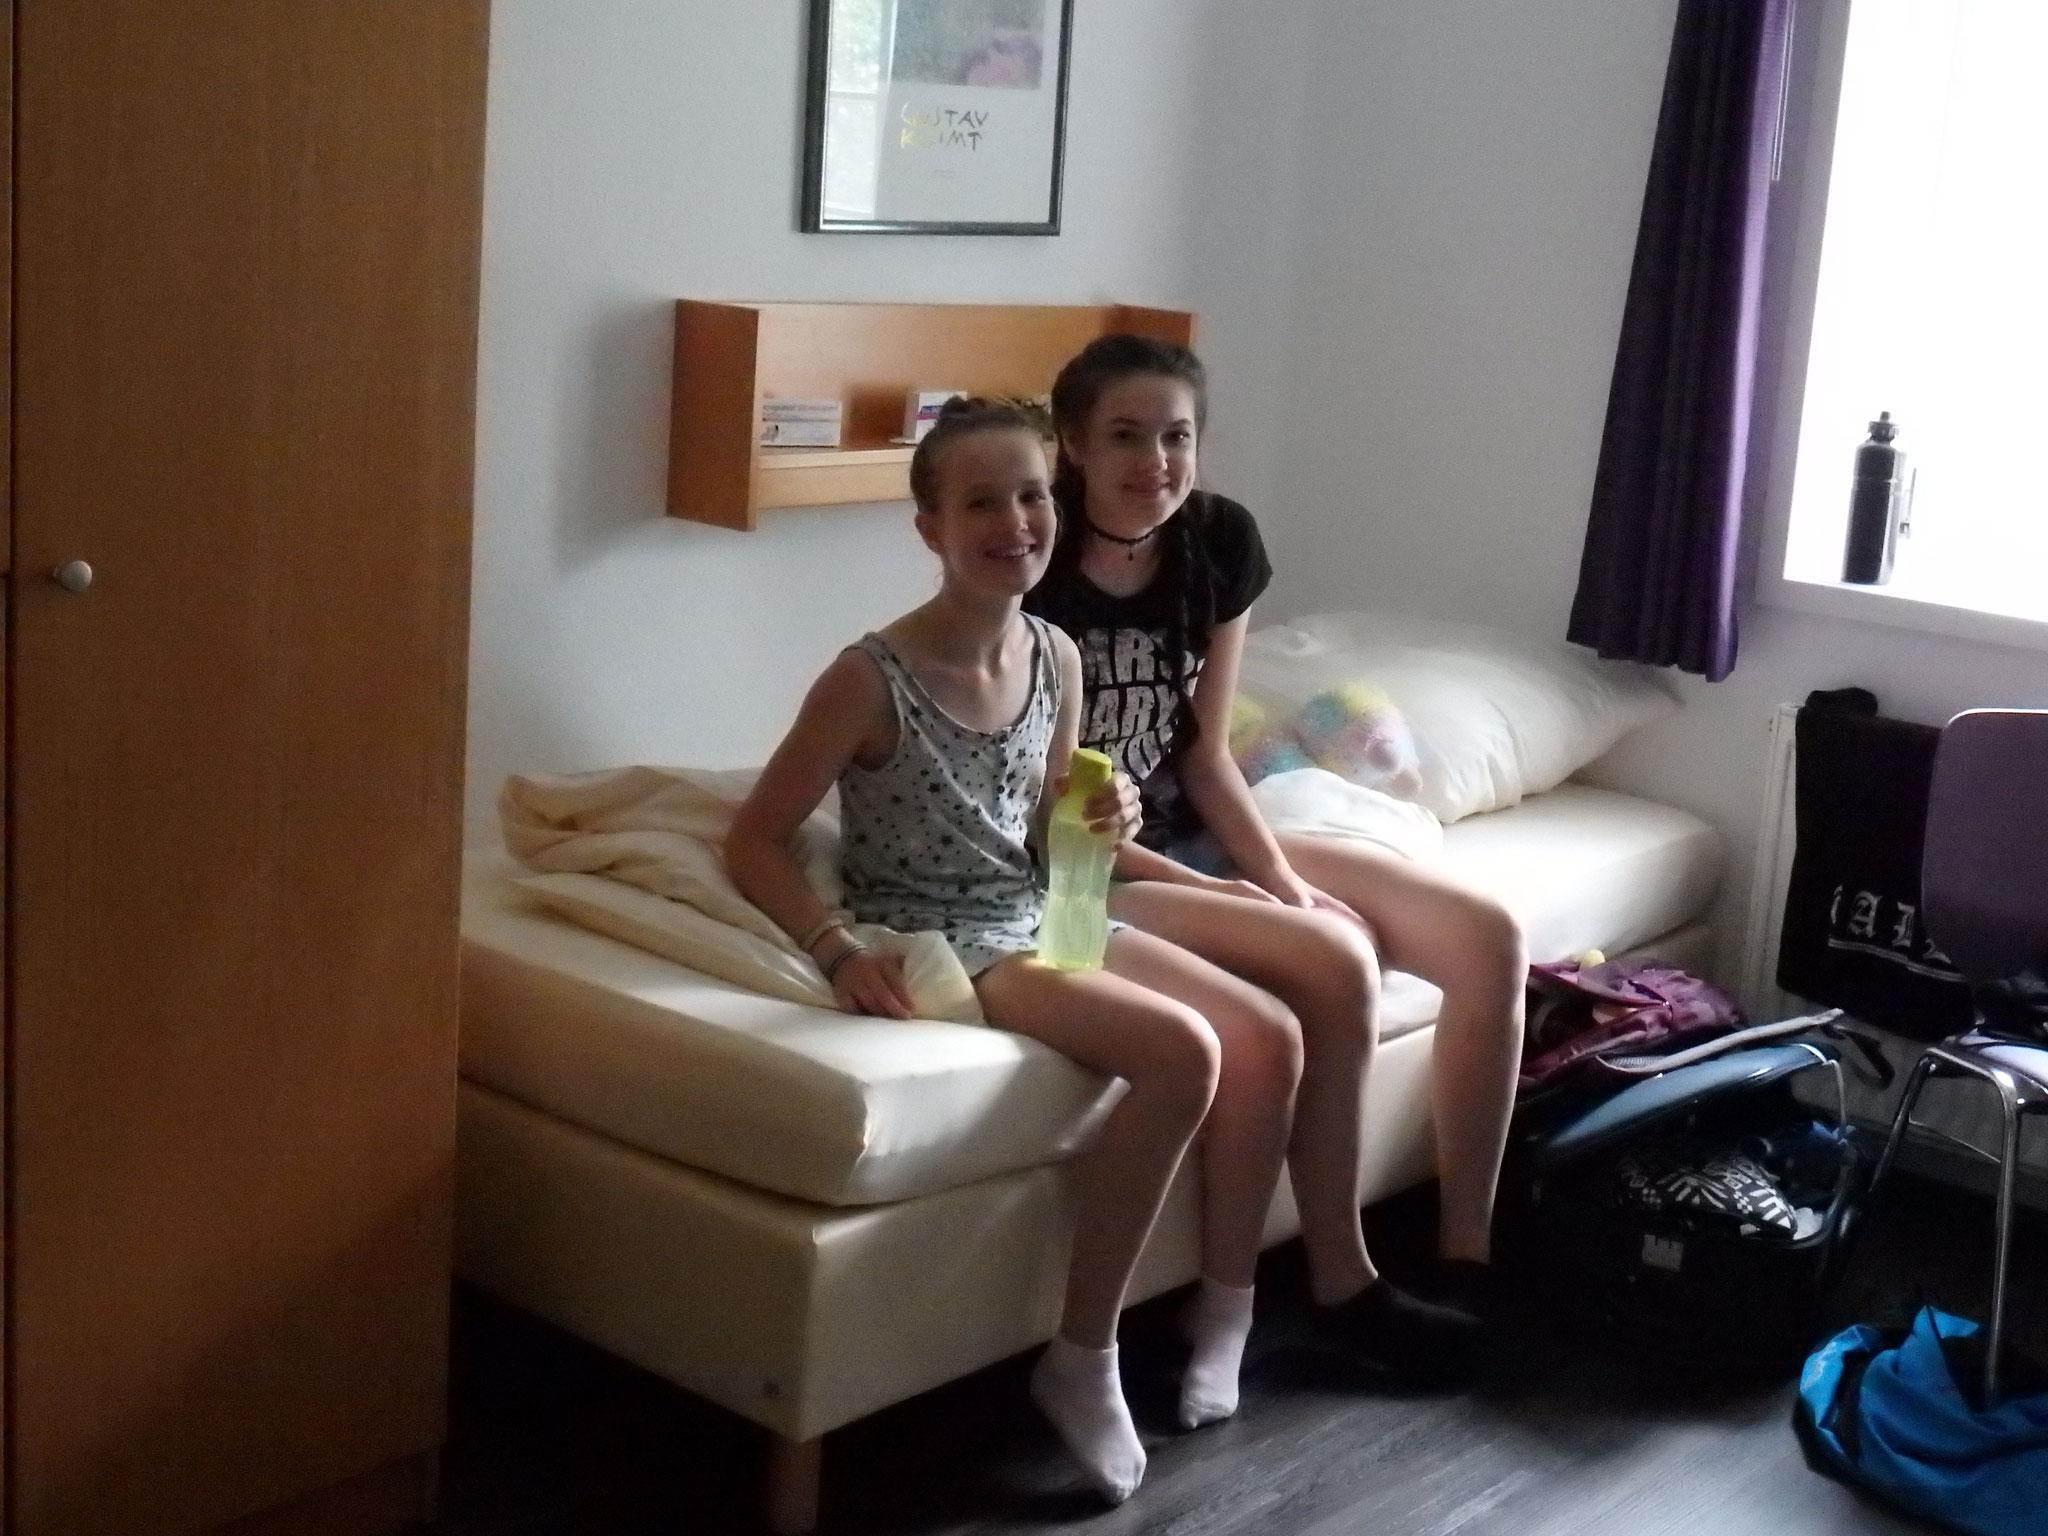 Zimmer 3 (Lara und Johanna)